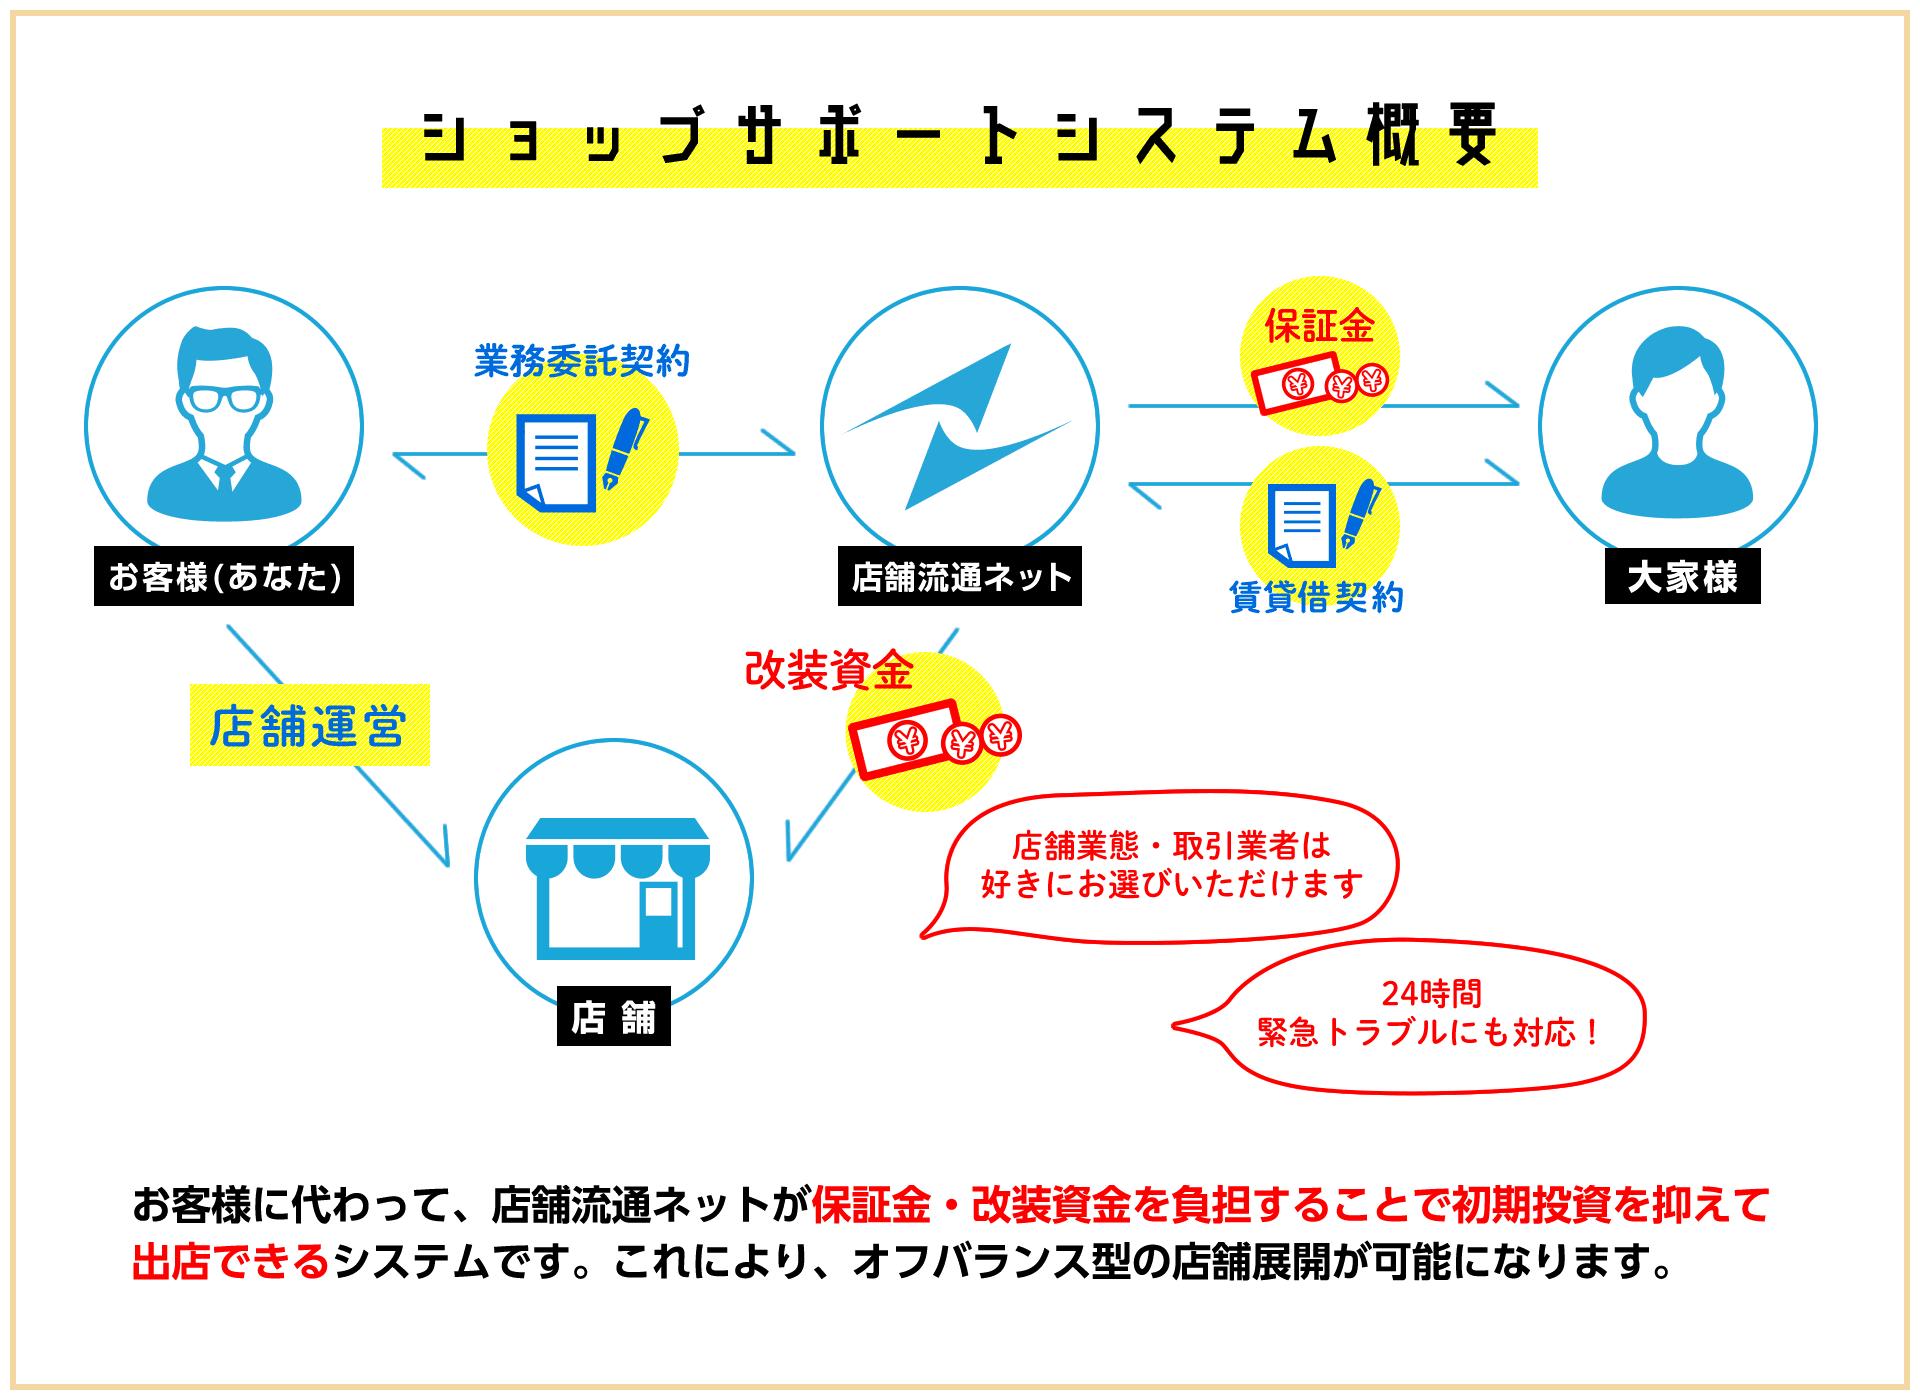 ショップサポートシステム概要 お客様に変わって、店舗流通ネットが保証金・改装資金を負担することで初期投資を抑えて出店できるシステムです。これにより、オフバランス型の店舗展開が可能になります。